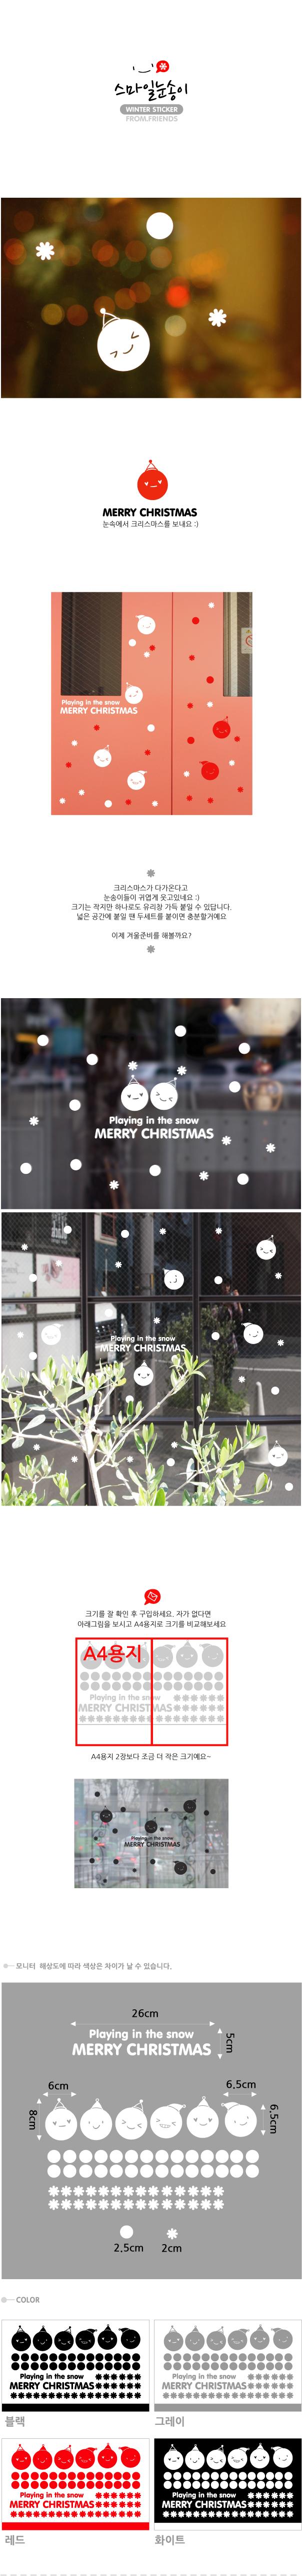 스마일눈송이 - 프롬프렌즈, 10,500원, 월데코스티커, 계절/시즌